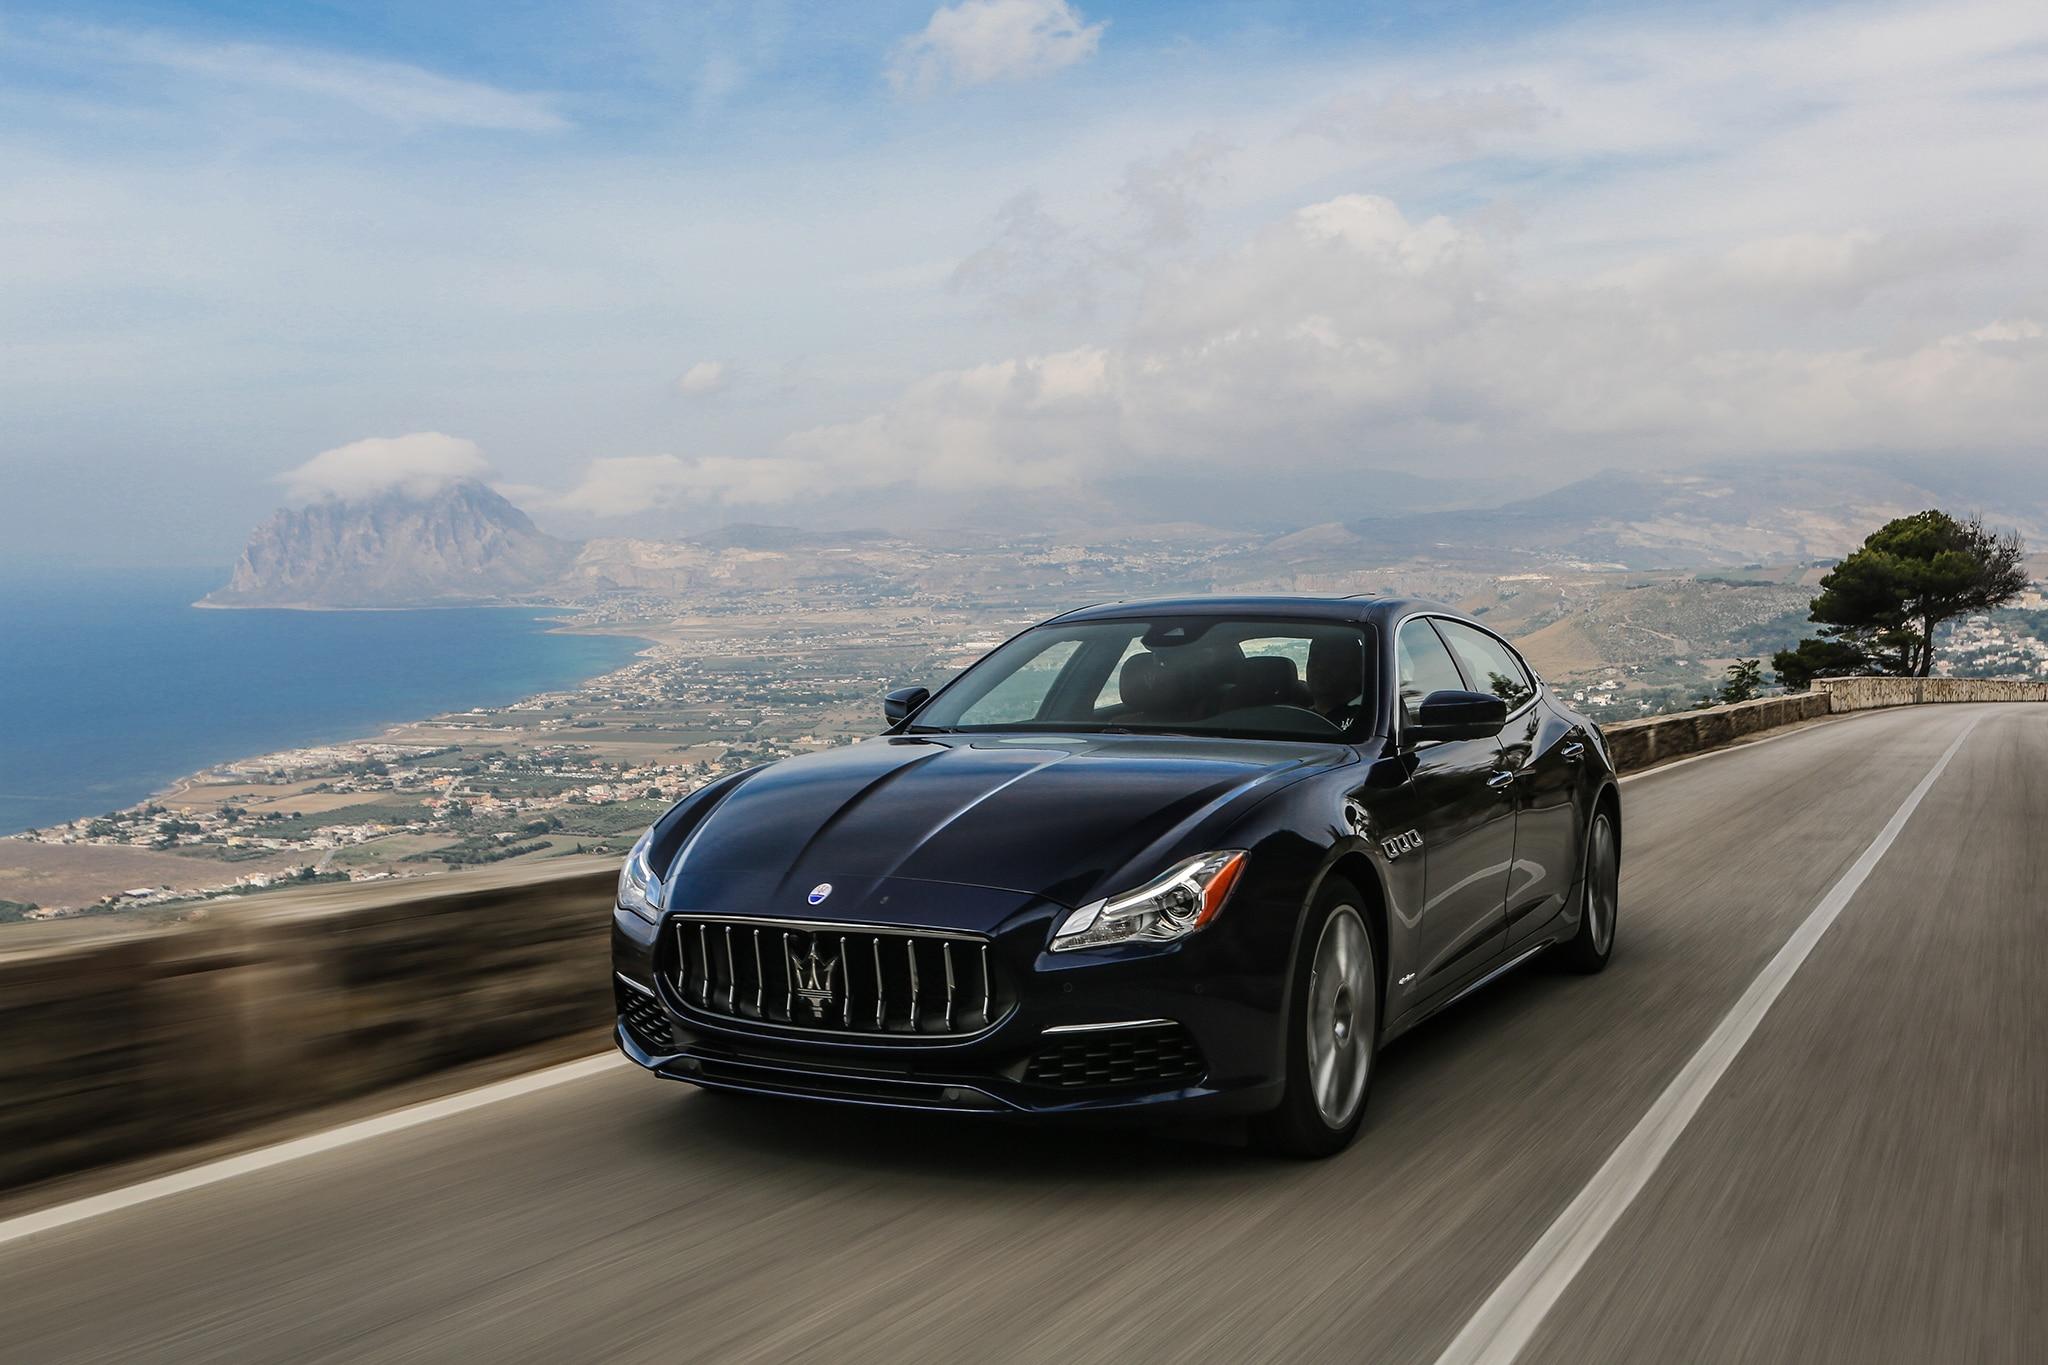 2017 Maserati Quattroporte Review